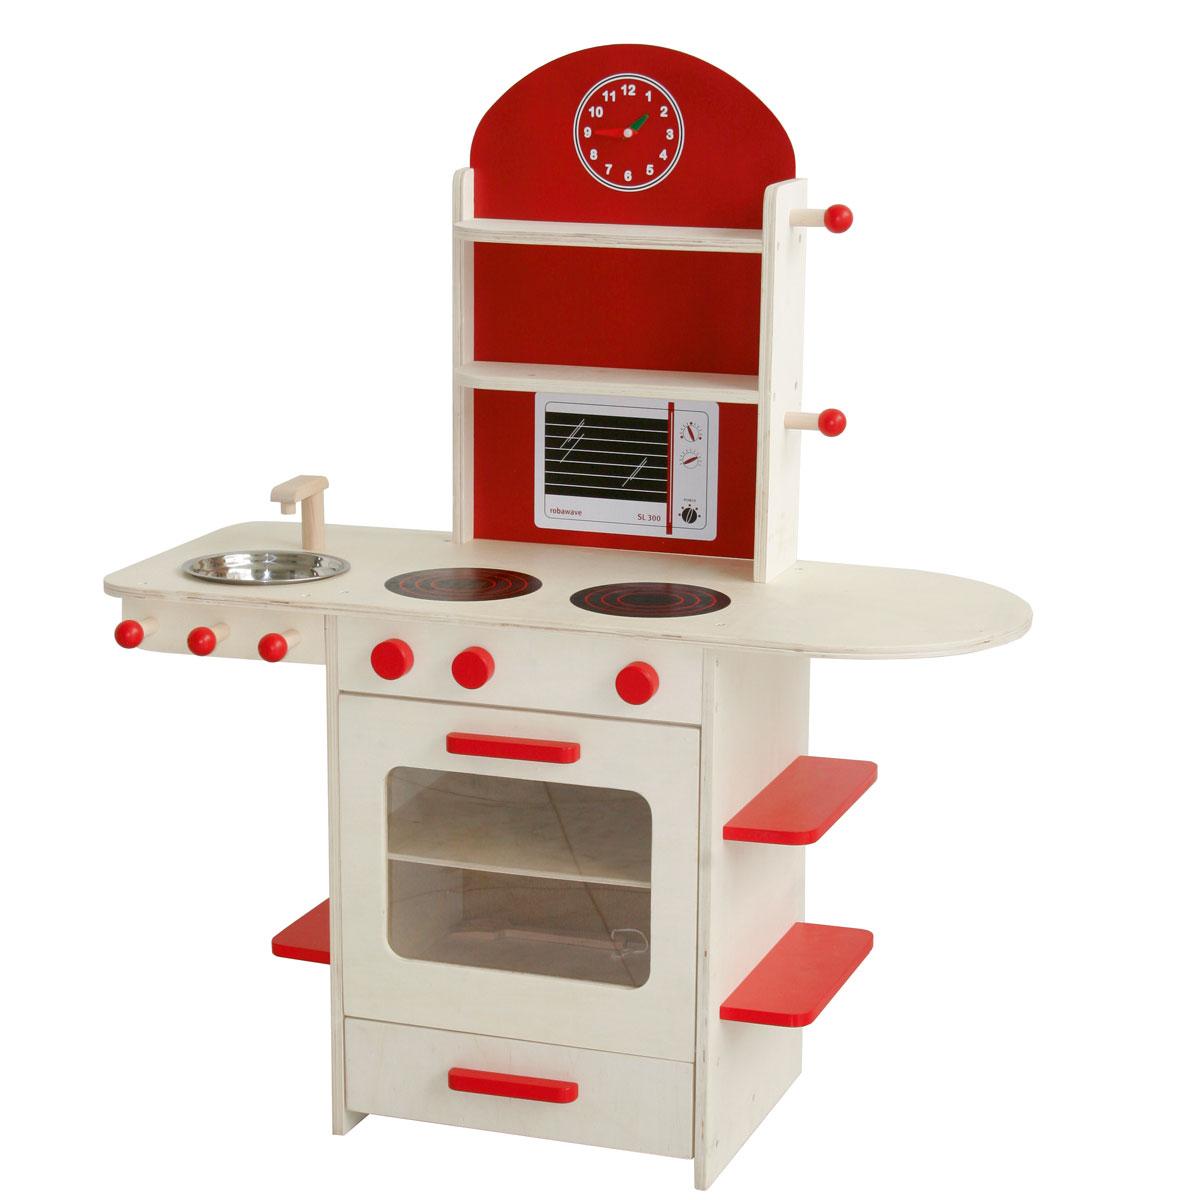 roba kinderküche aus holz 98207 | pirum-holzspielzeuge.de - Roba Küche